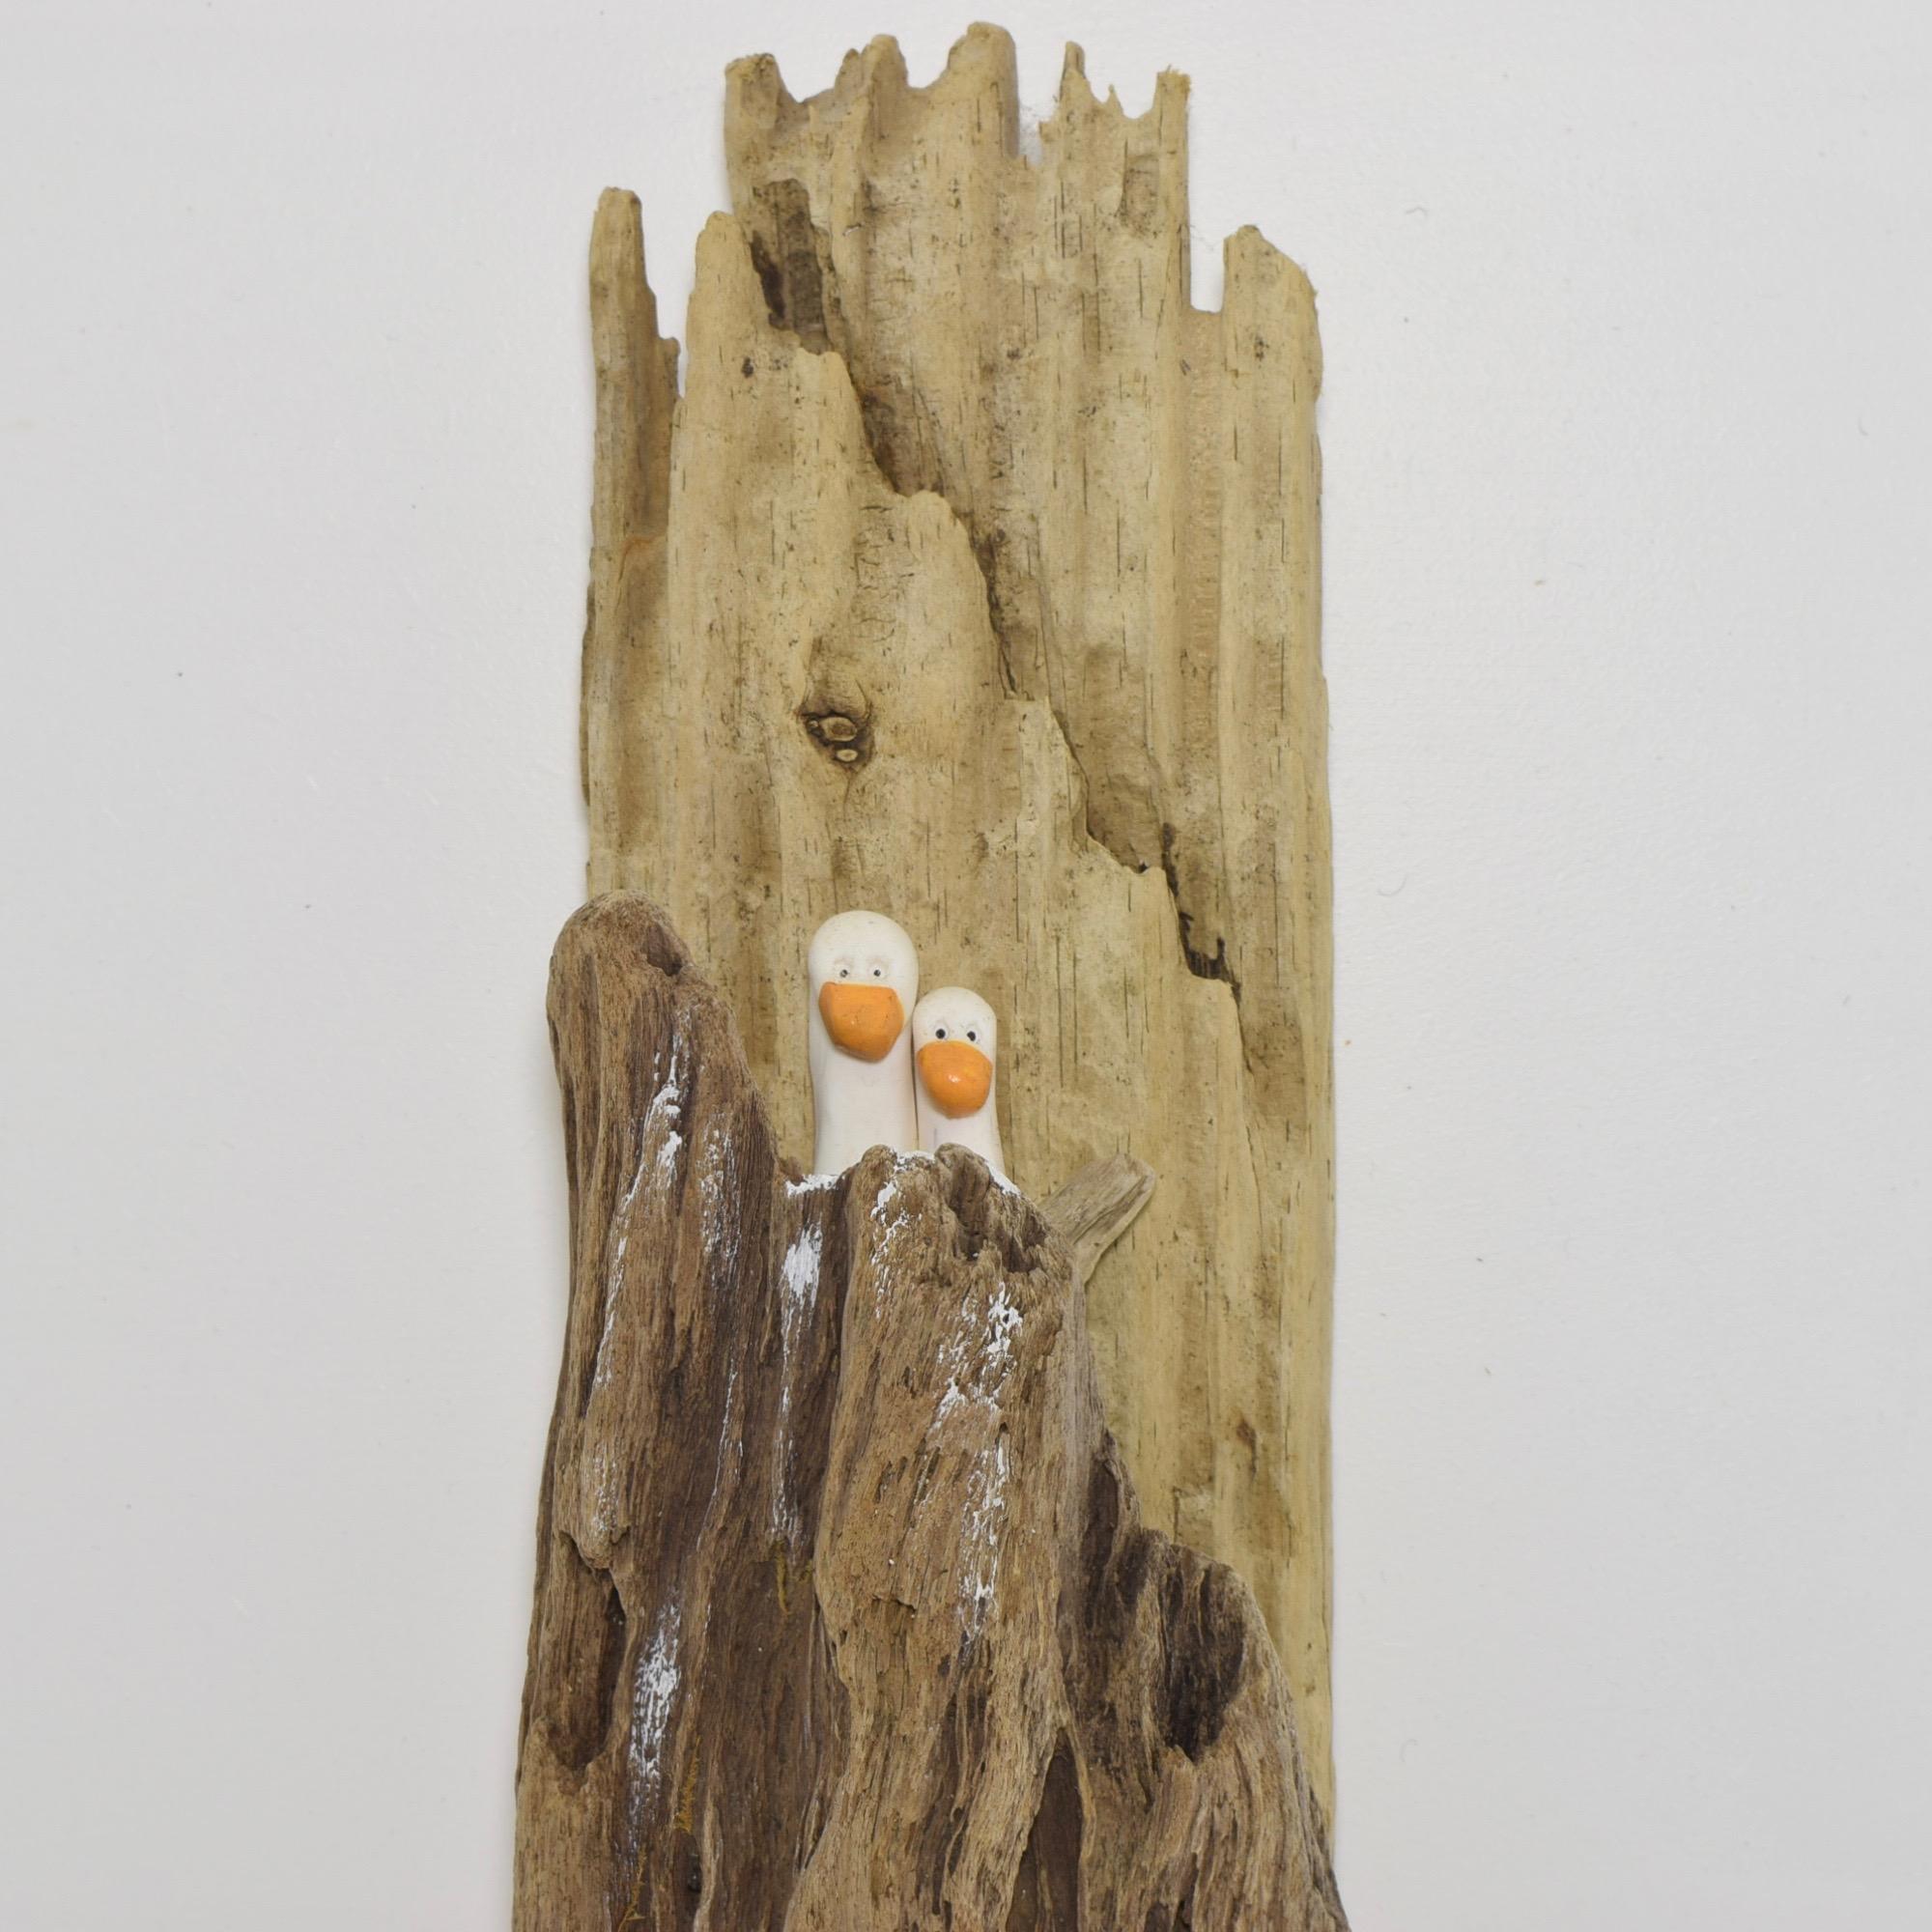 driftwood-art-craft-seagulls- inspiration-new-zealand-1